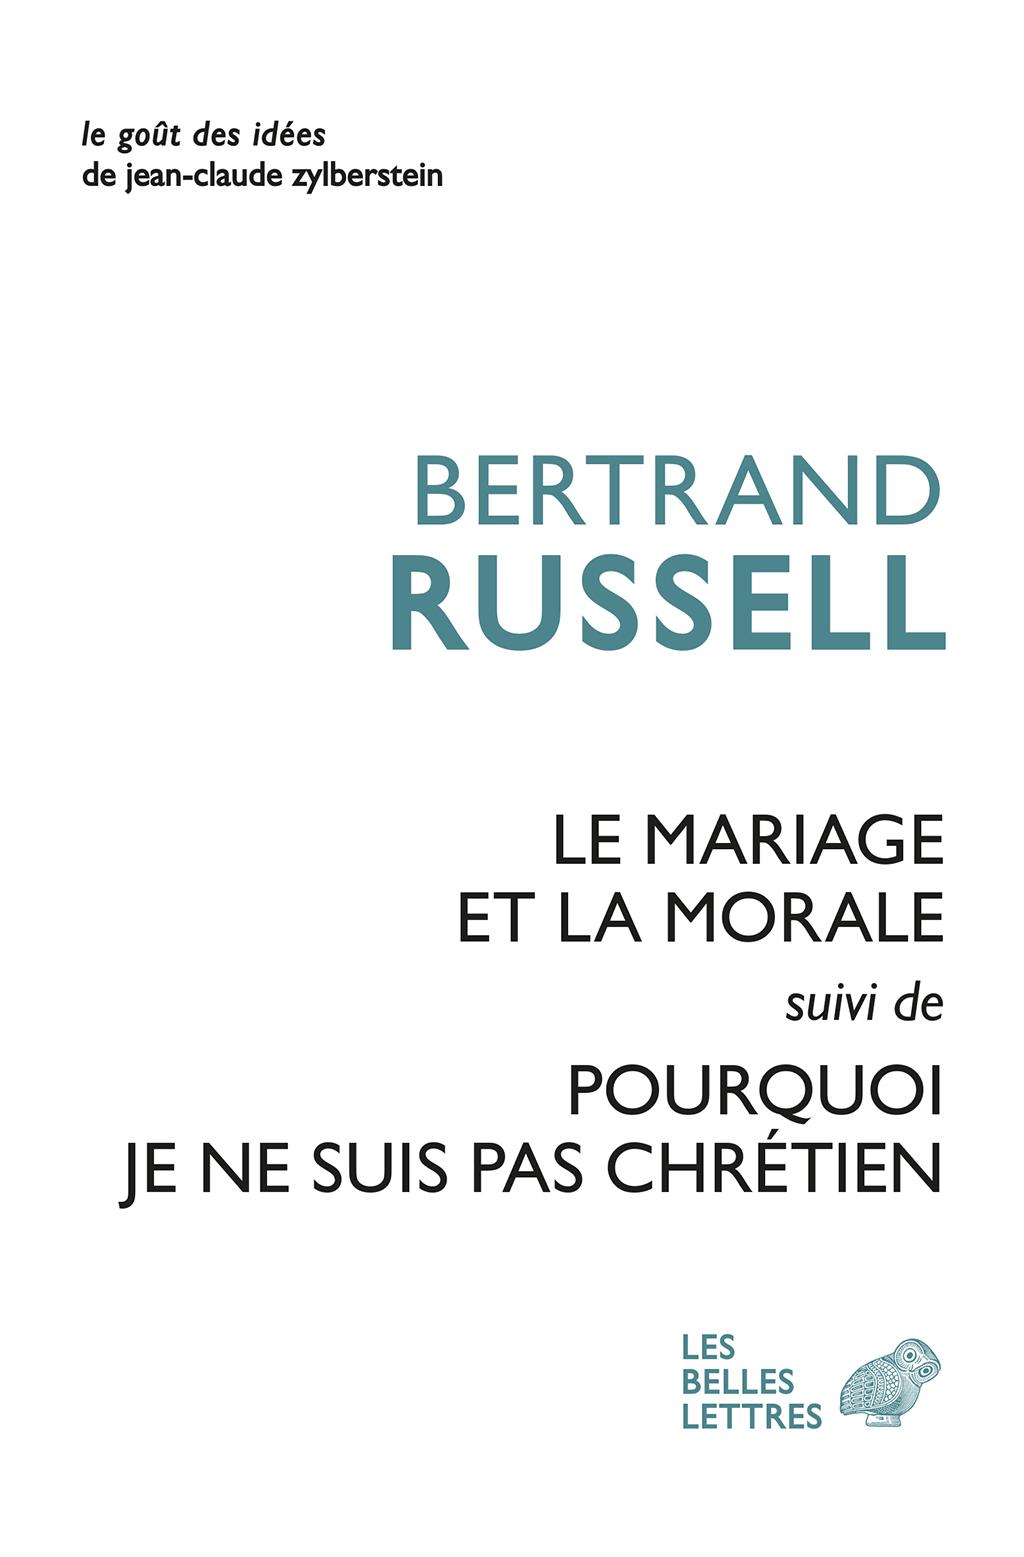 Le Mariage et la morale sui...